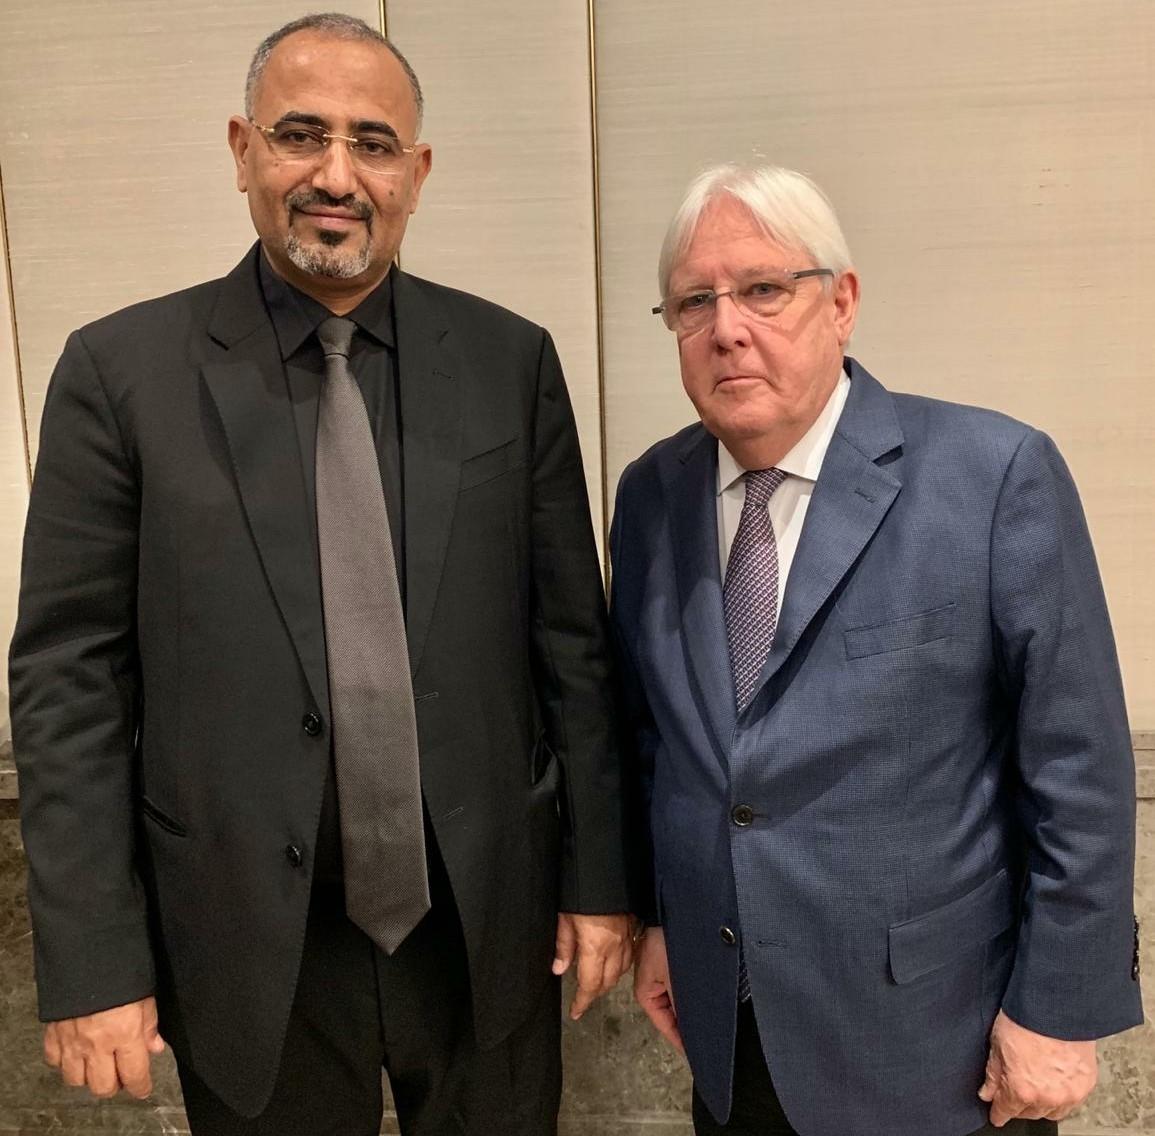 الرئيس الزُبيدي يلتقي المبعوث الأممي الخاص إلى اليمن مارتن غريفيث